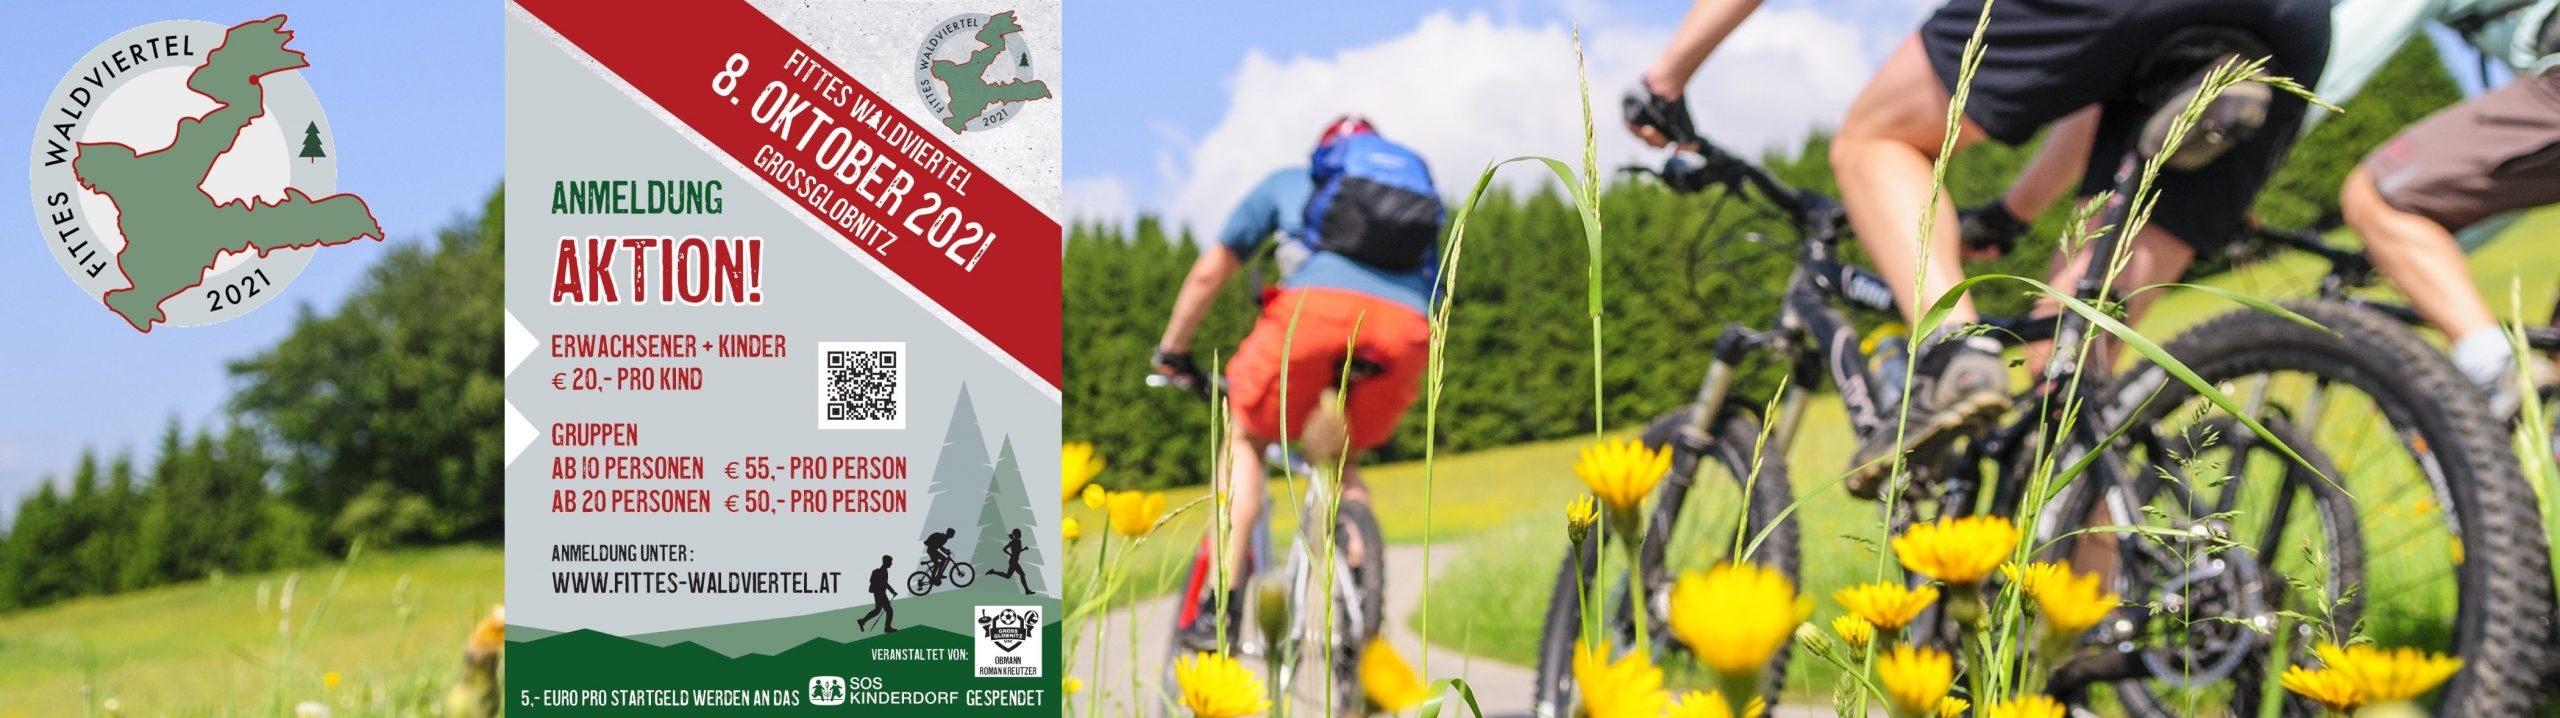 Mountainbike_sehrschmal_LOGO_Aktion